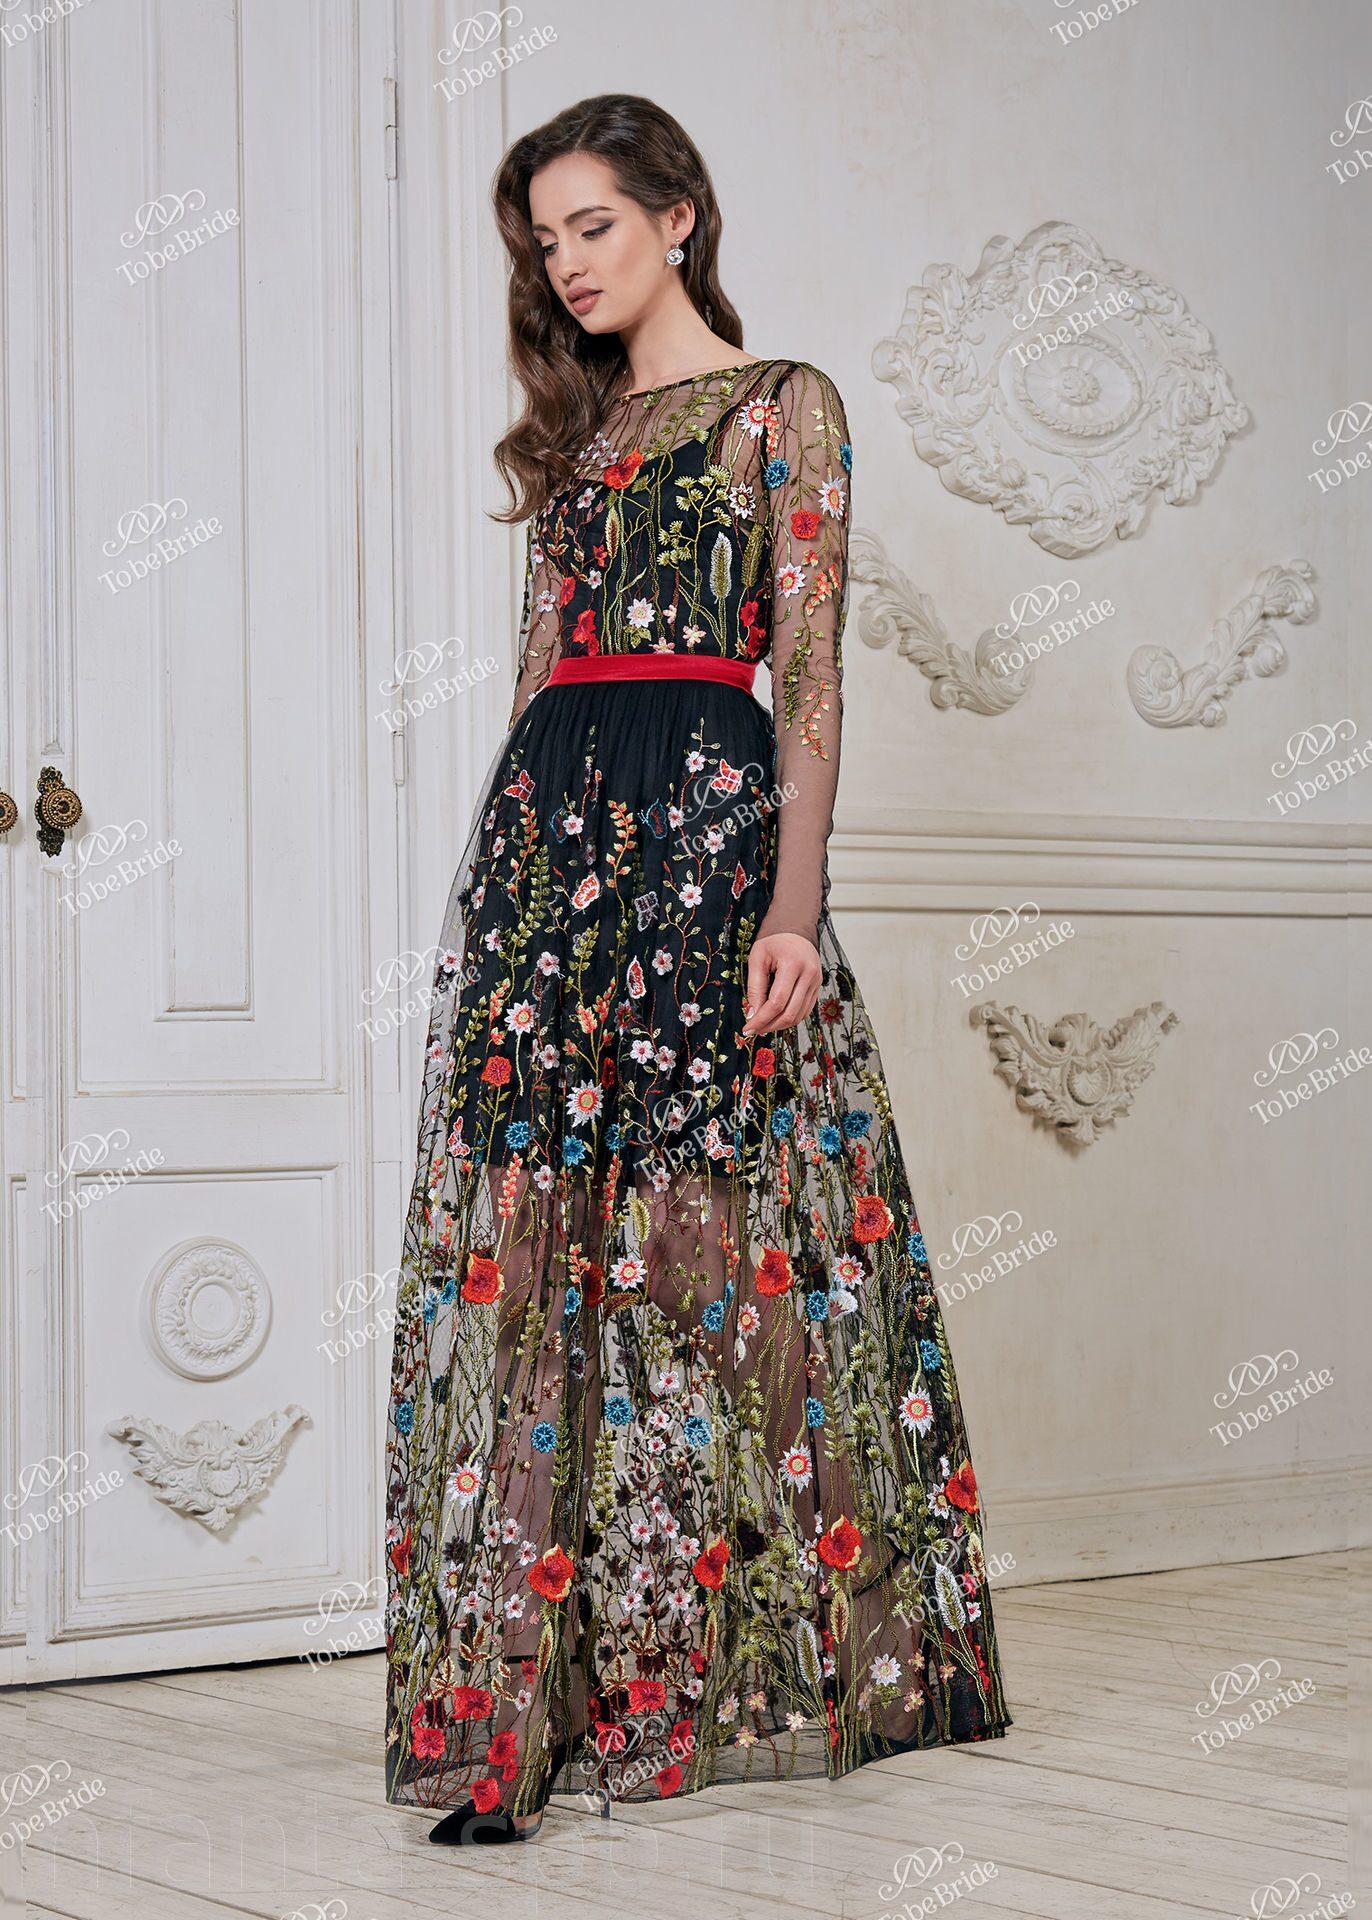 Коктейльное платье 54 размер купить